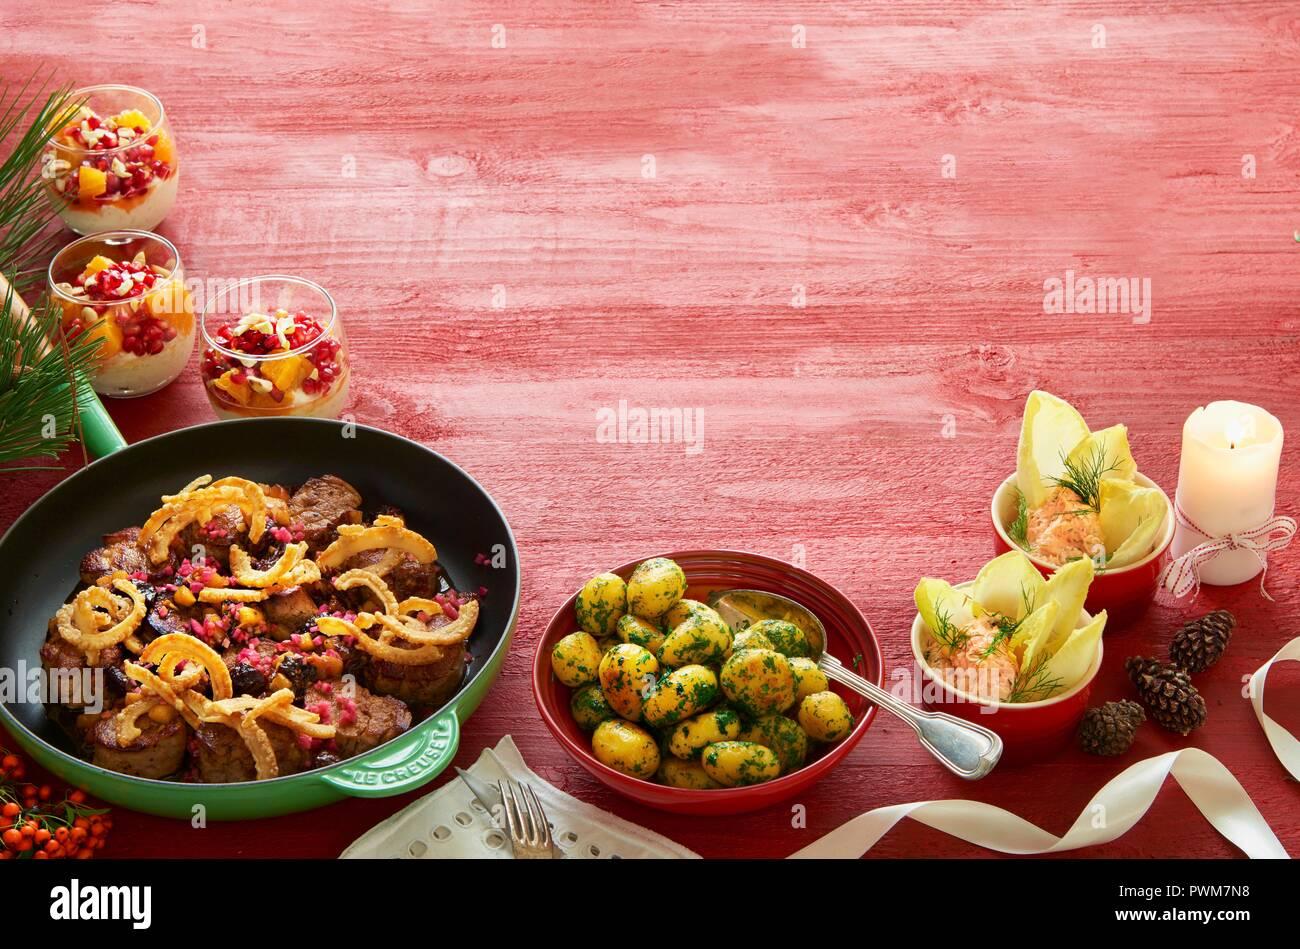 Cena de Navidad con medallones de cerdo, patatas, perejil mousse de salmón y crema de vainilla con una ensalada de naranja y pomelo Foto de stock